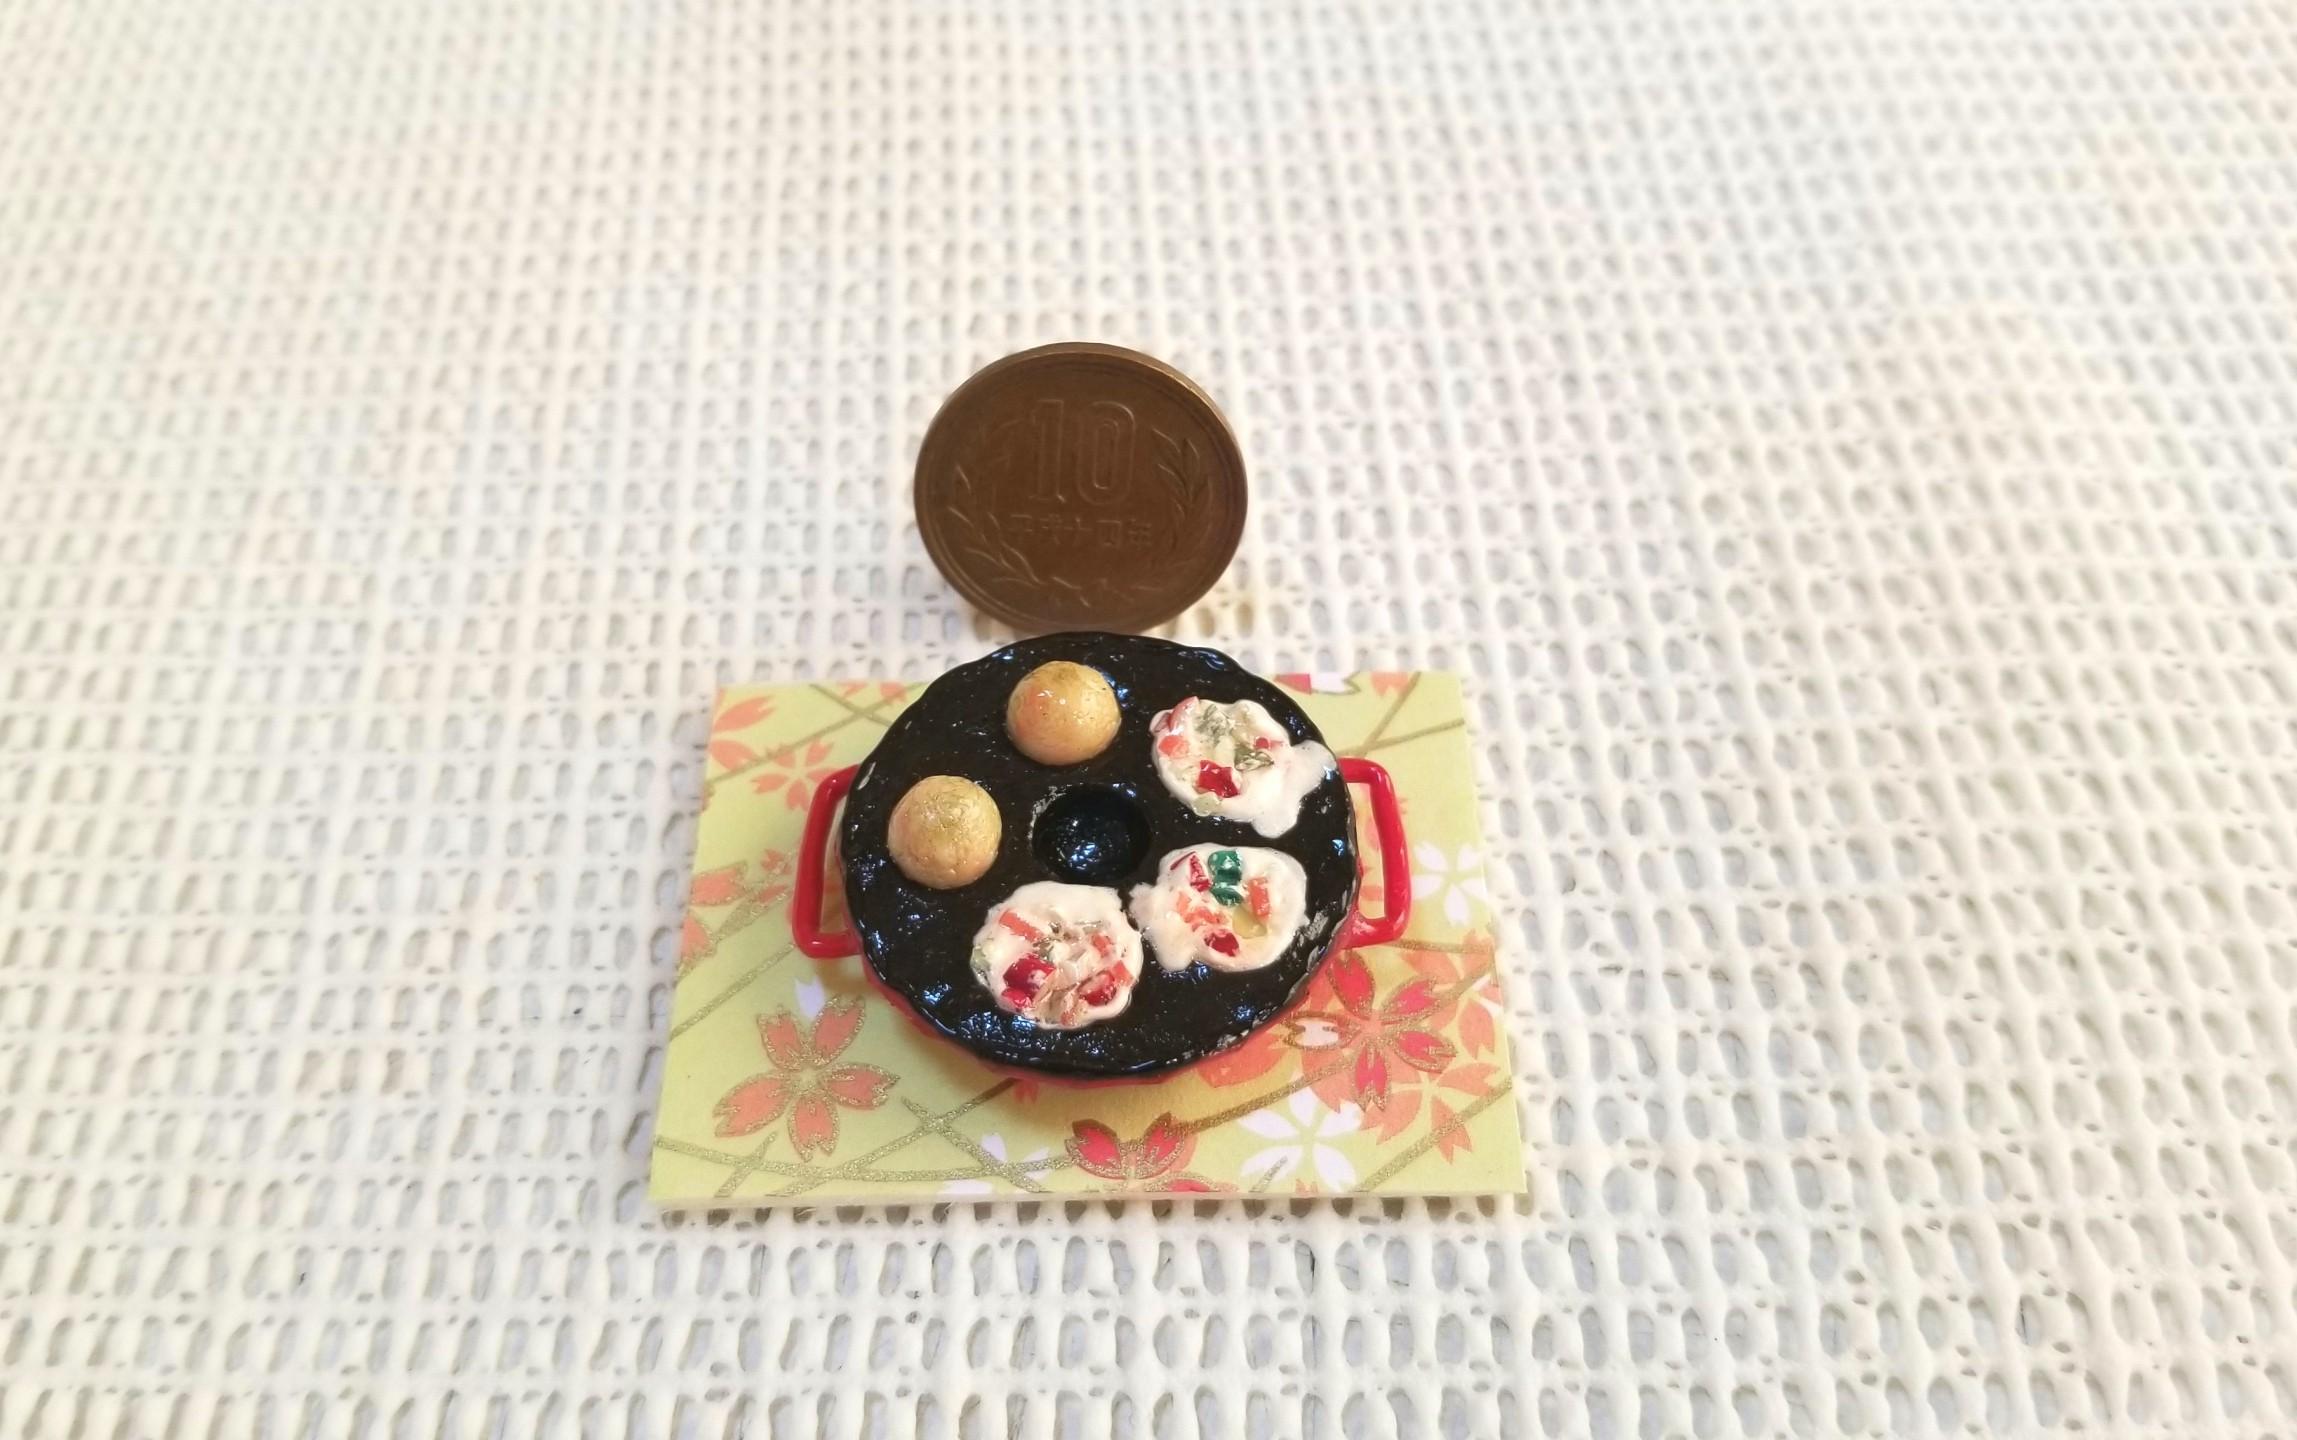 ミニチュア,たこ焼き器,鉄板,樹脂粘土,石塑粉粘土,食品サンプル